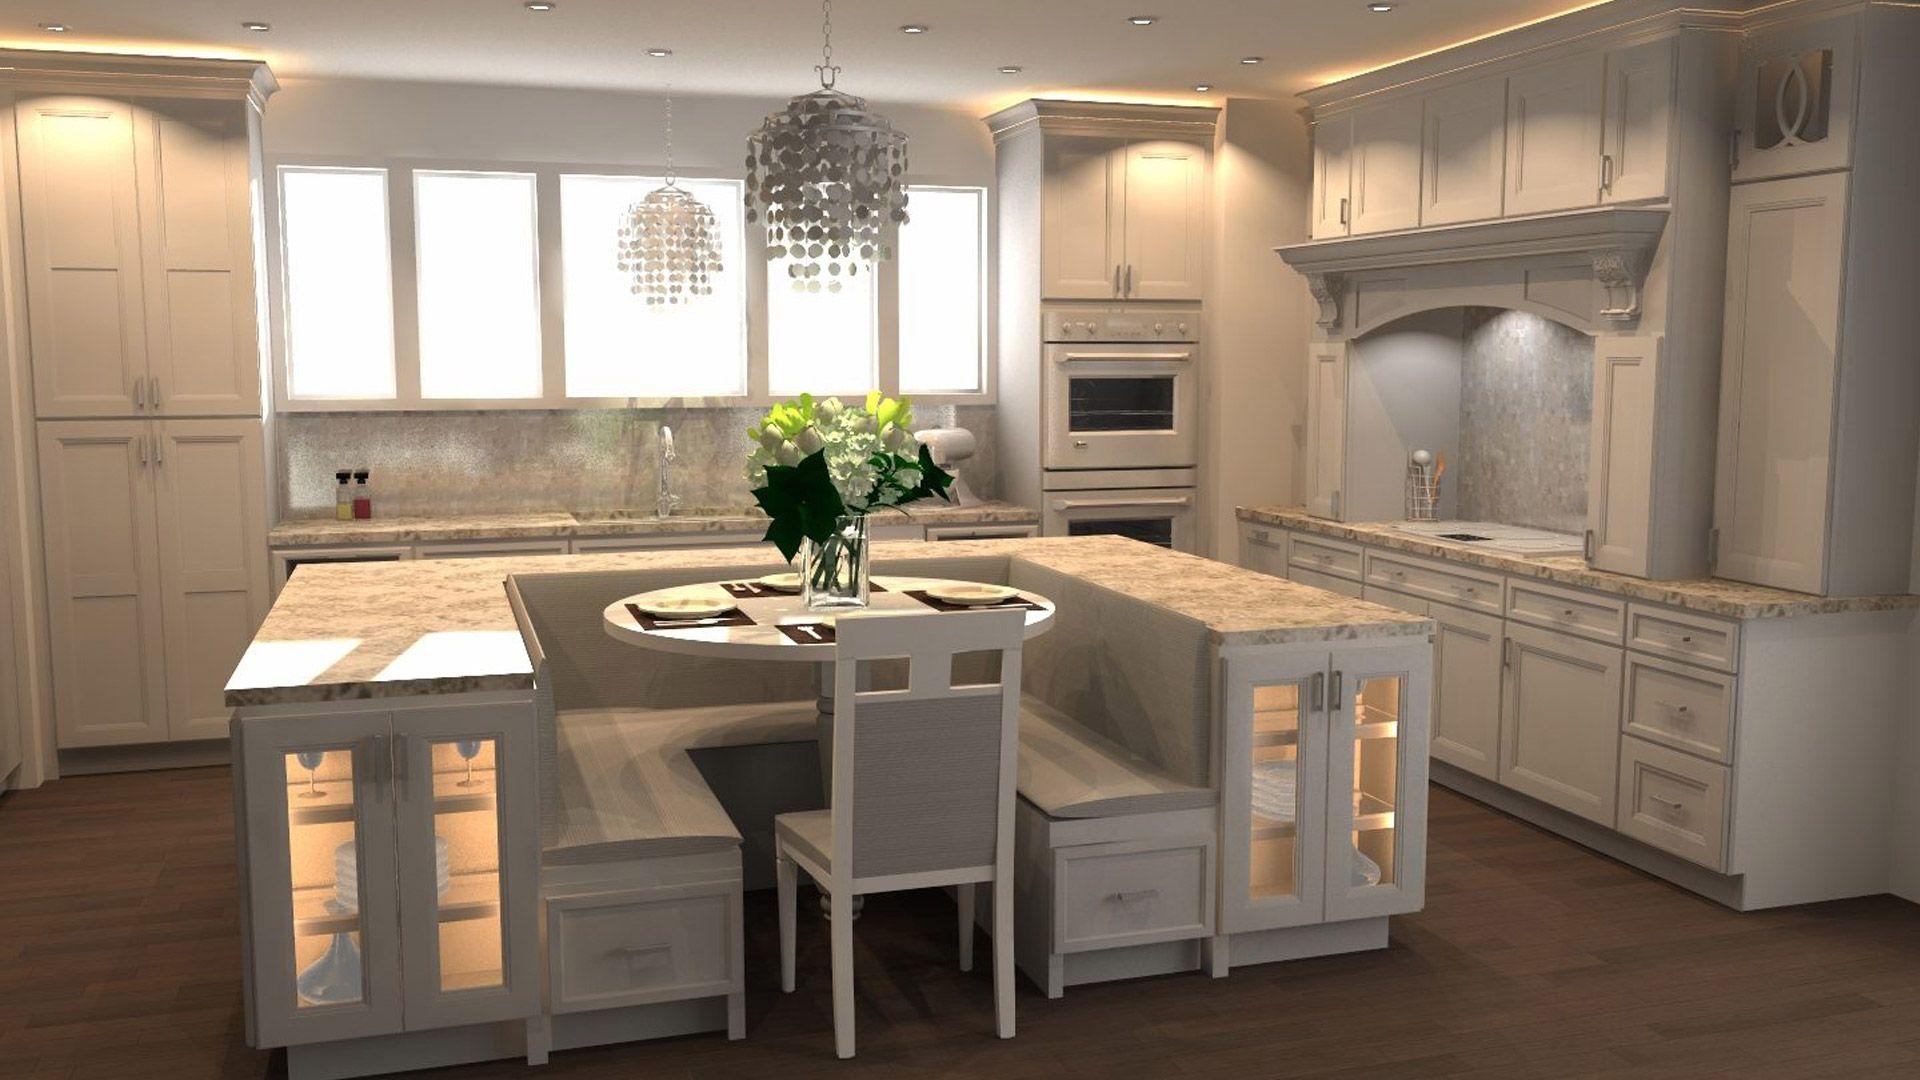 2020 Design in 2020 | Free kitchen design, Kitchen design ... on Kitchen Modern Design 2020  id=60717